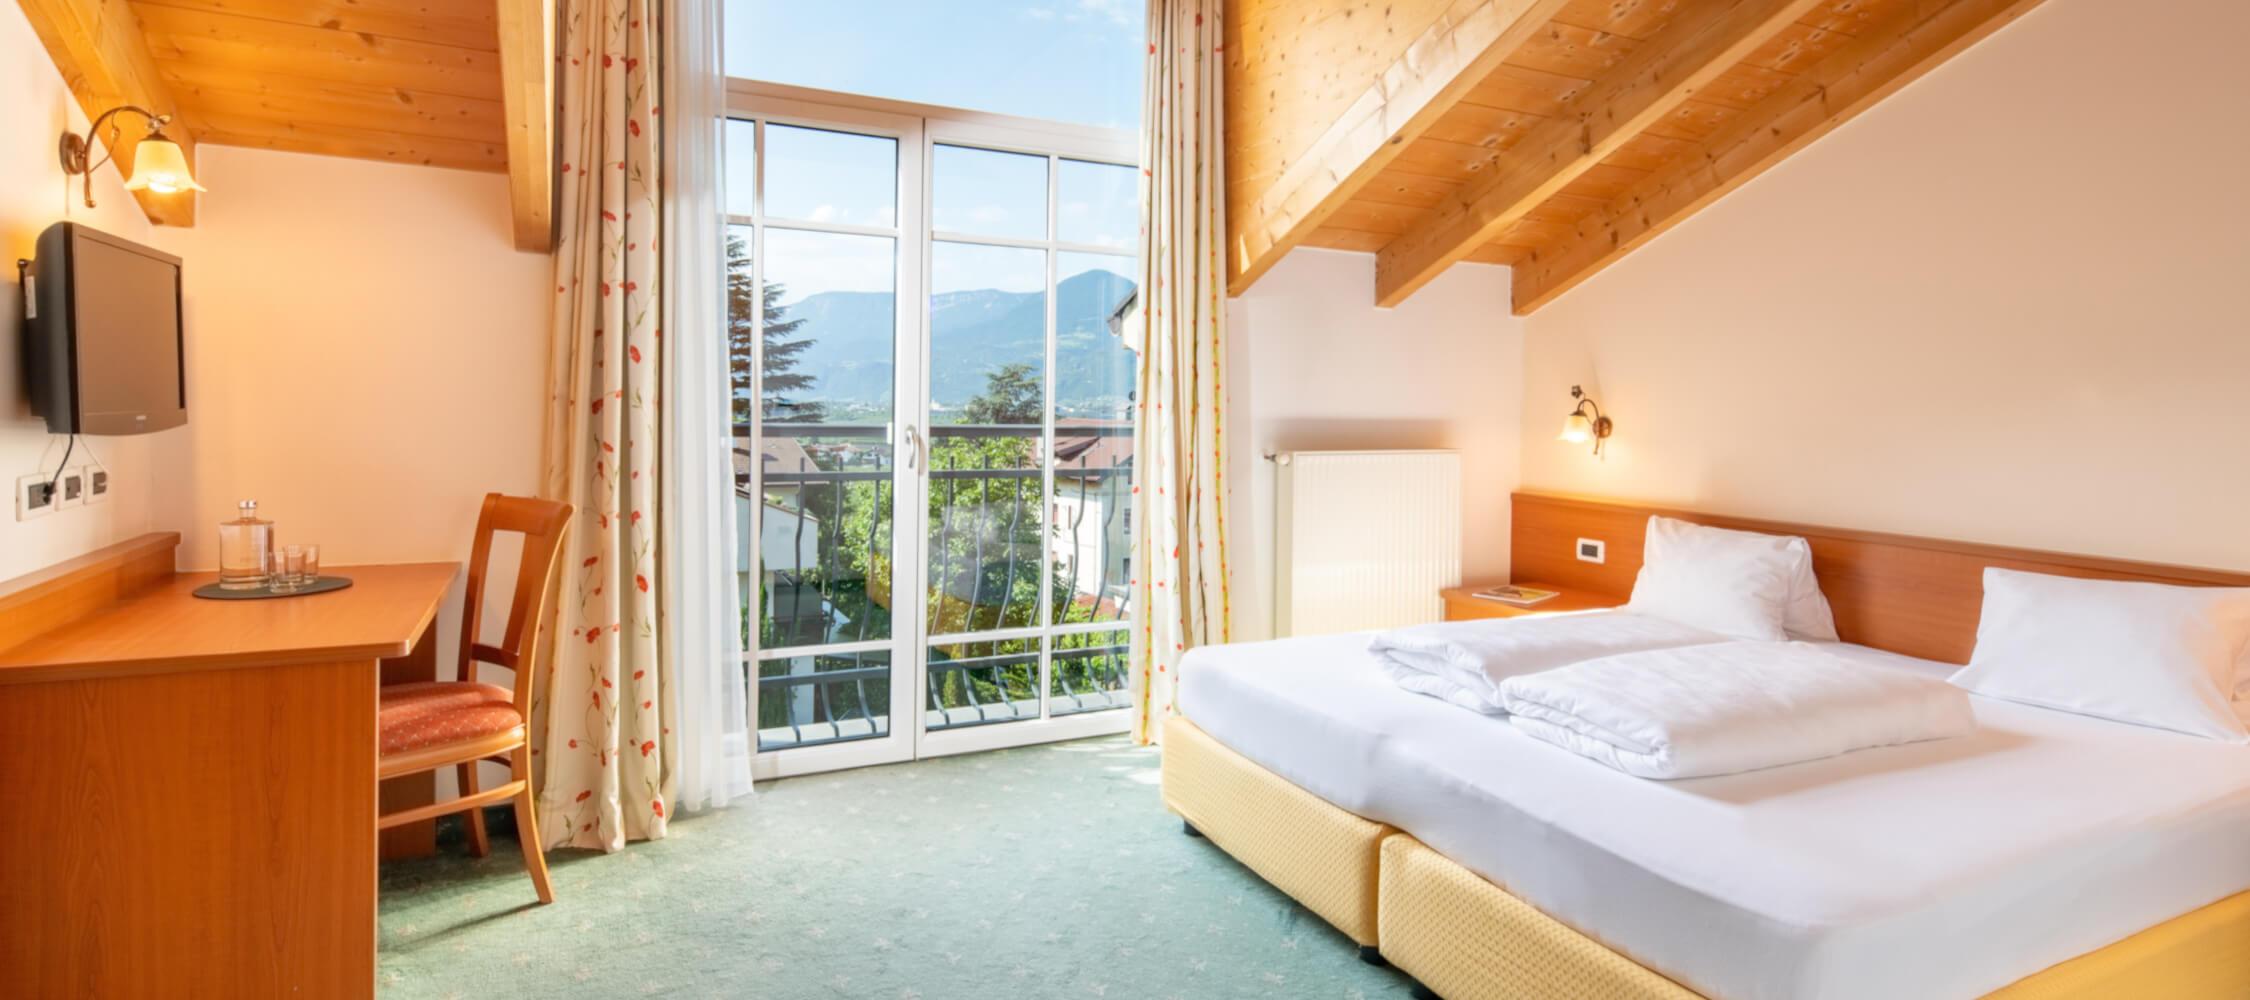 Hotel-Villa-Laurus-Merano-Rooms-Doppelzimmer-Vista-301-FlorianBusch-12-2250x1000